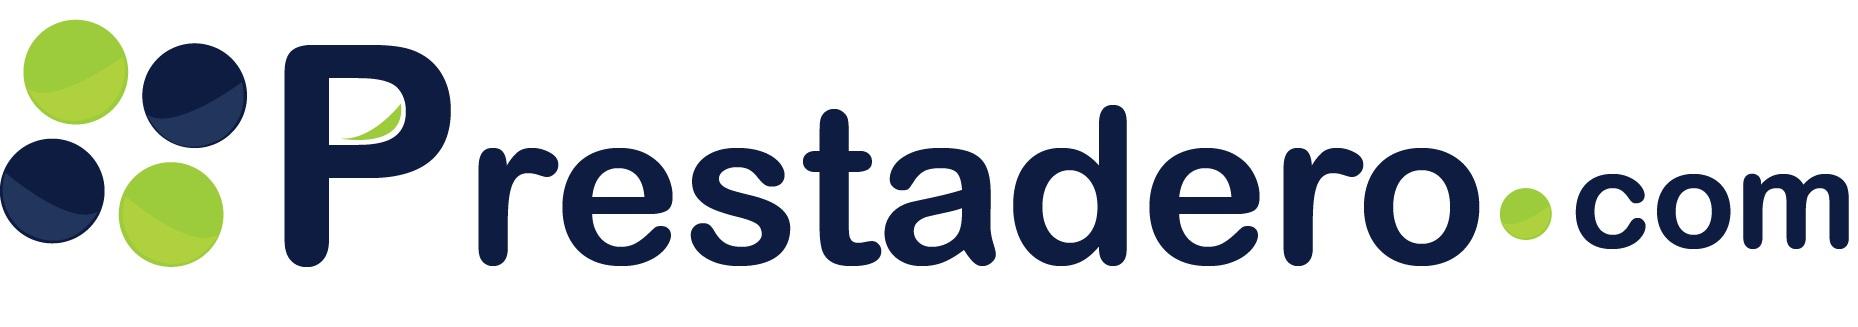 PRESTADERO_logo.jpg